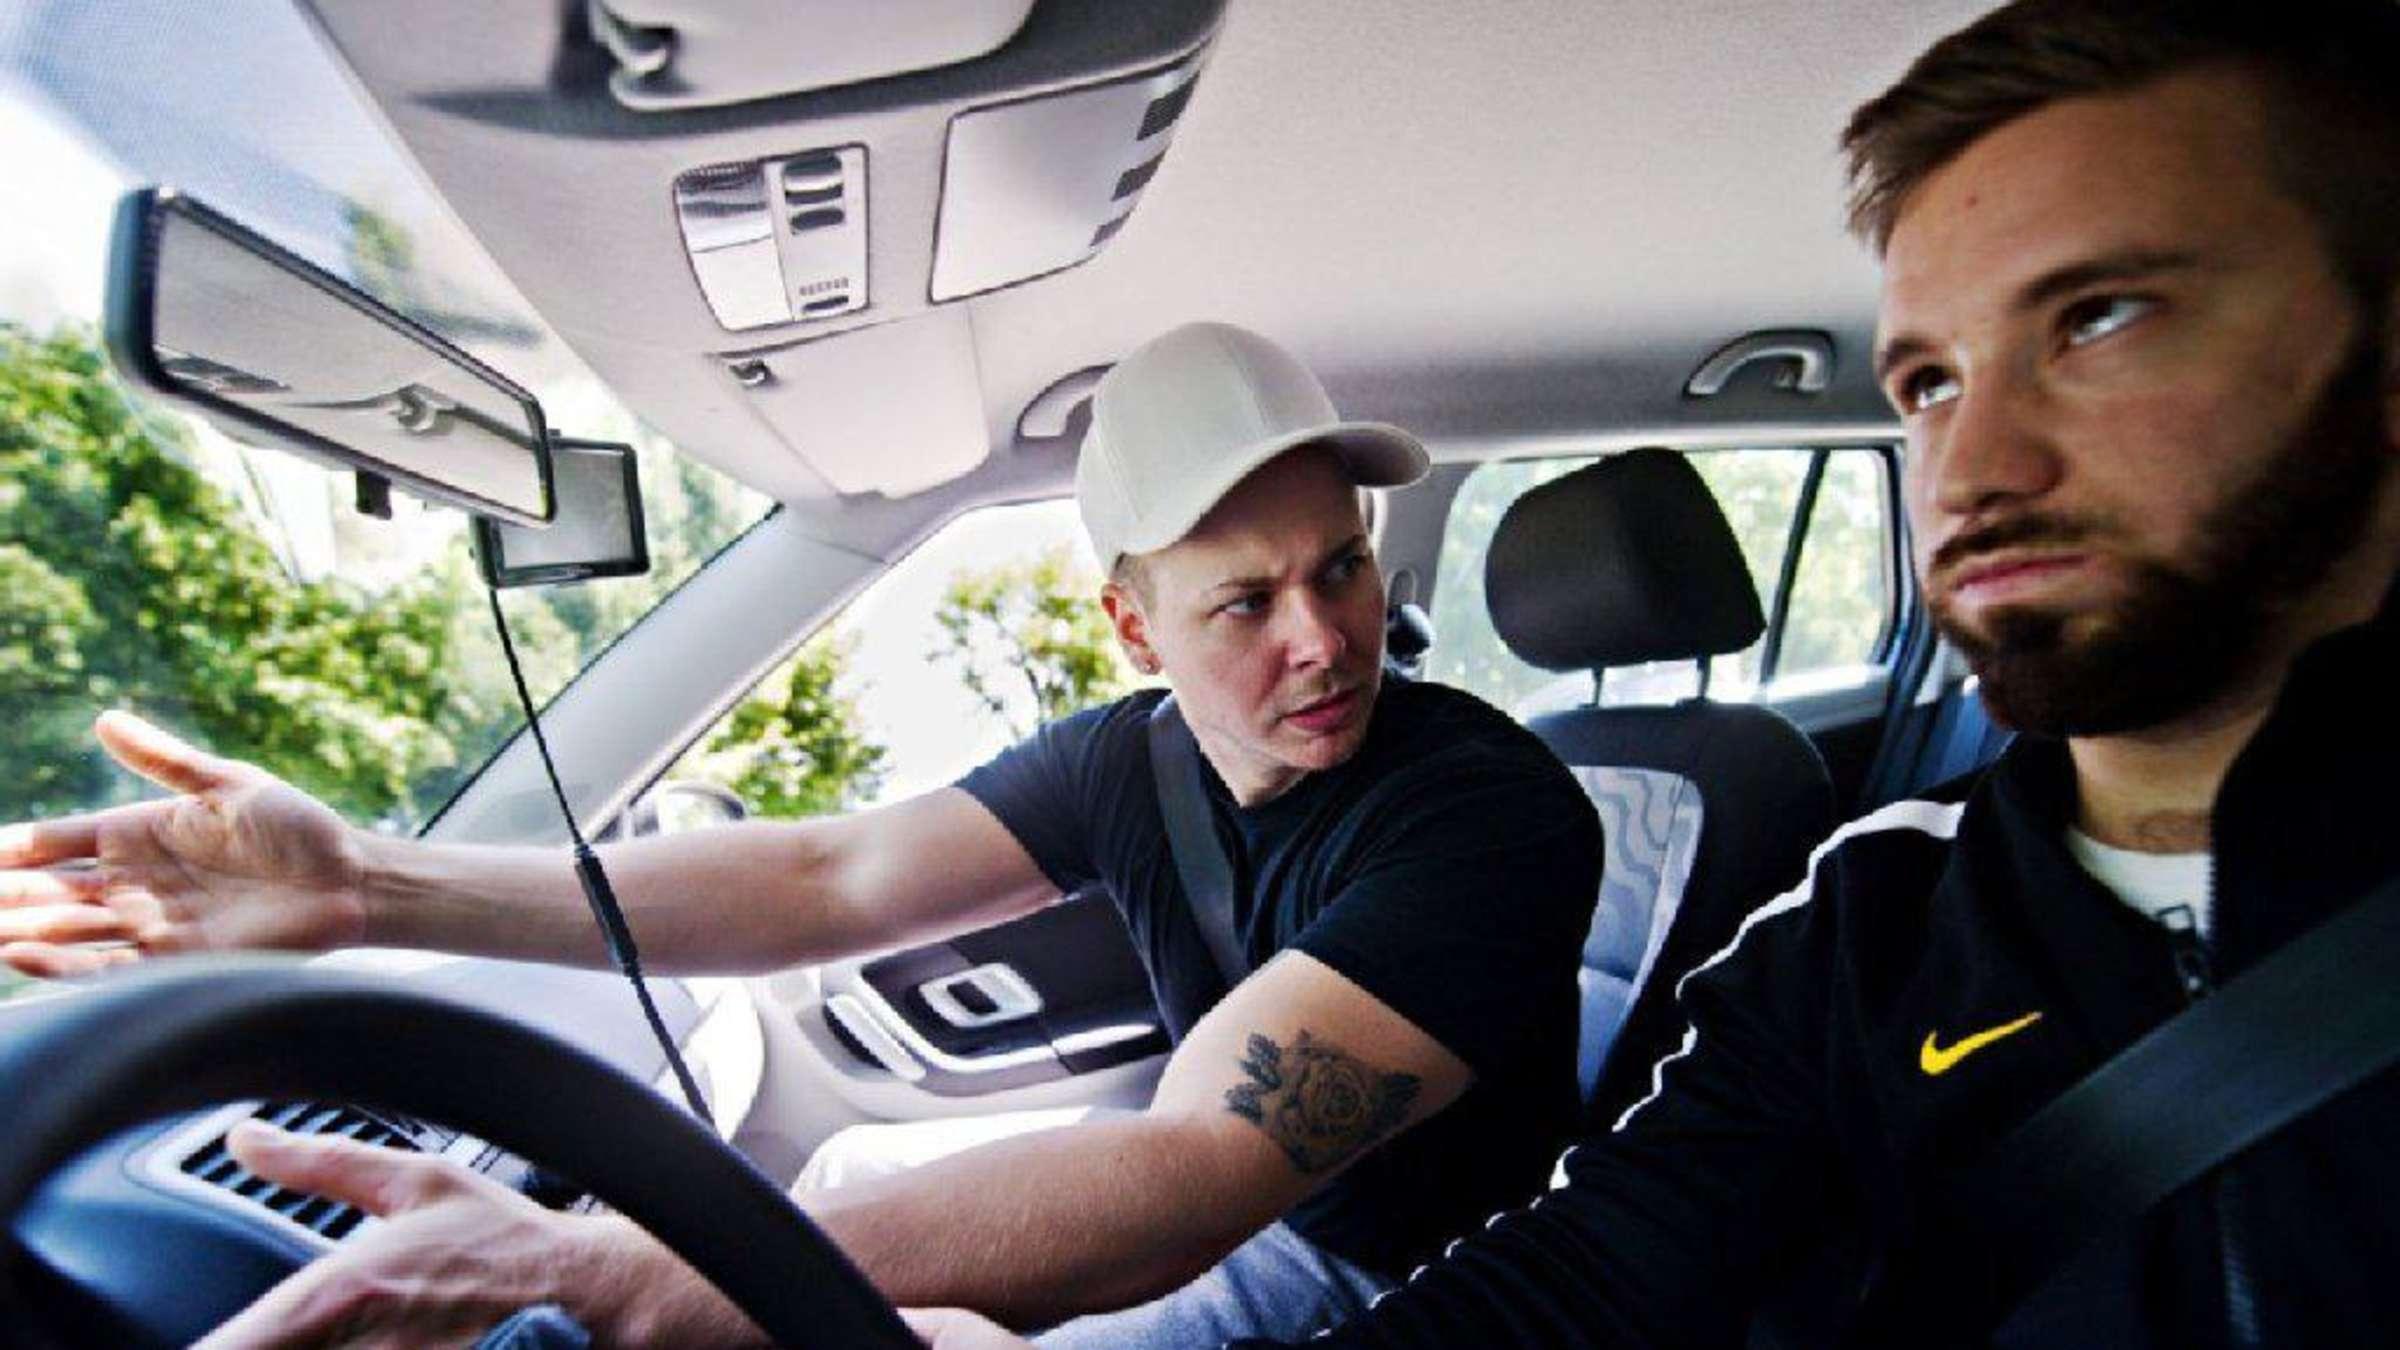 Dumme Sprüche Die Autofahrer Richtig Nerven Auto